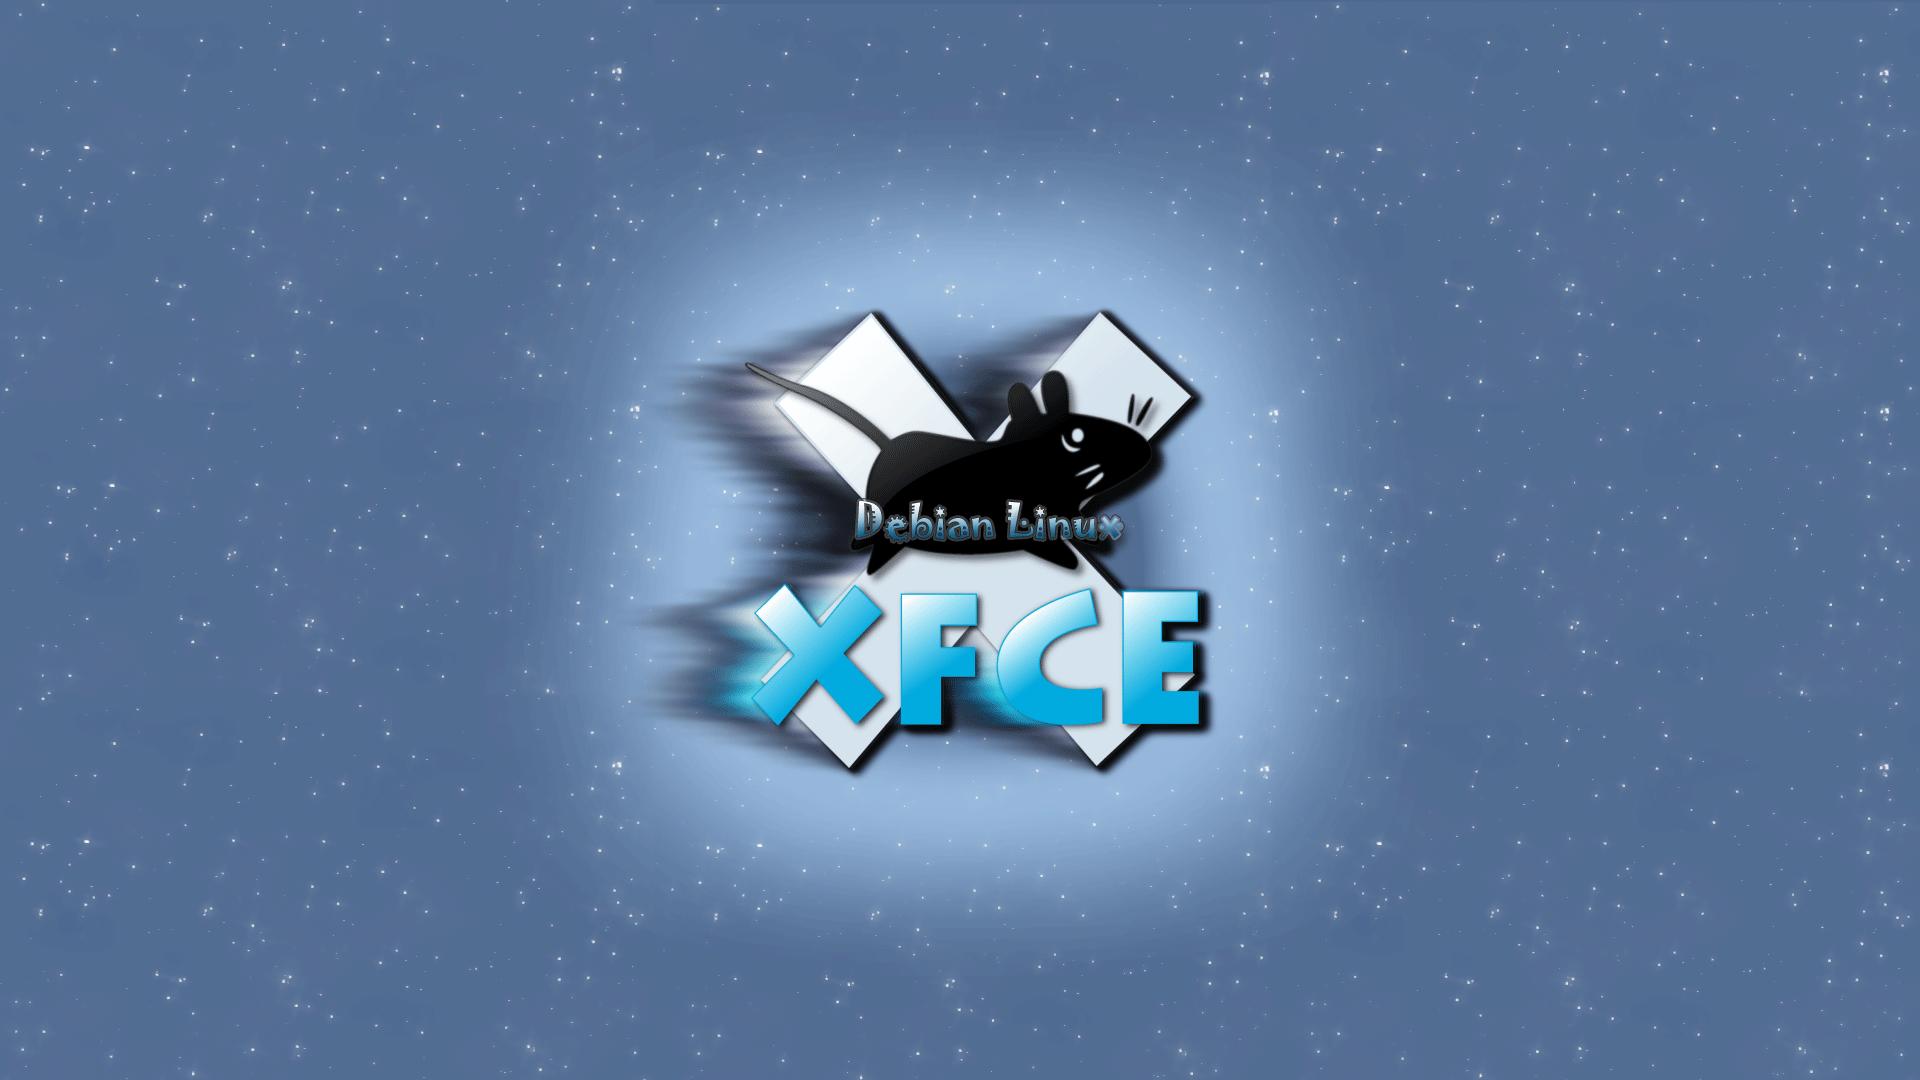 xfce4 debian wallpaper by y4m0r1 xfce4 debian wallpaper by y4m0r1